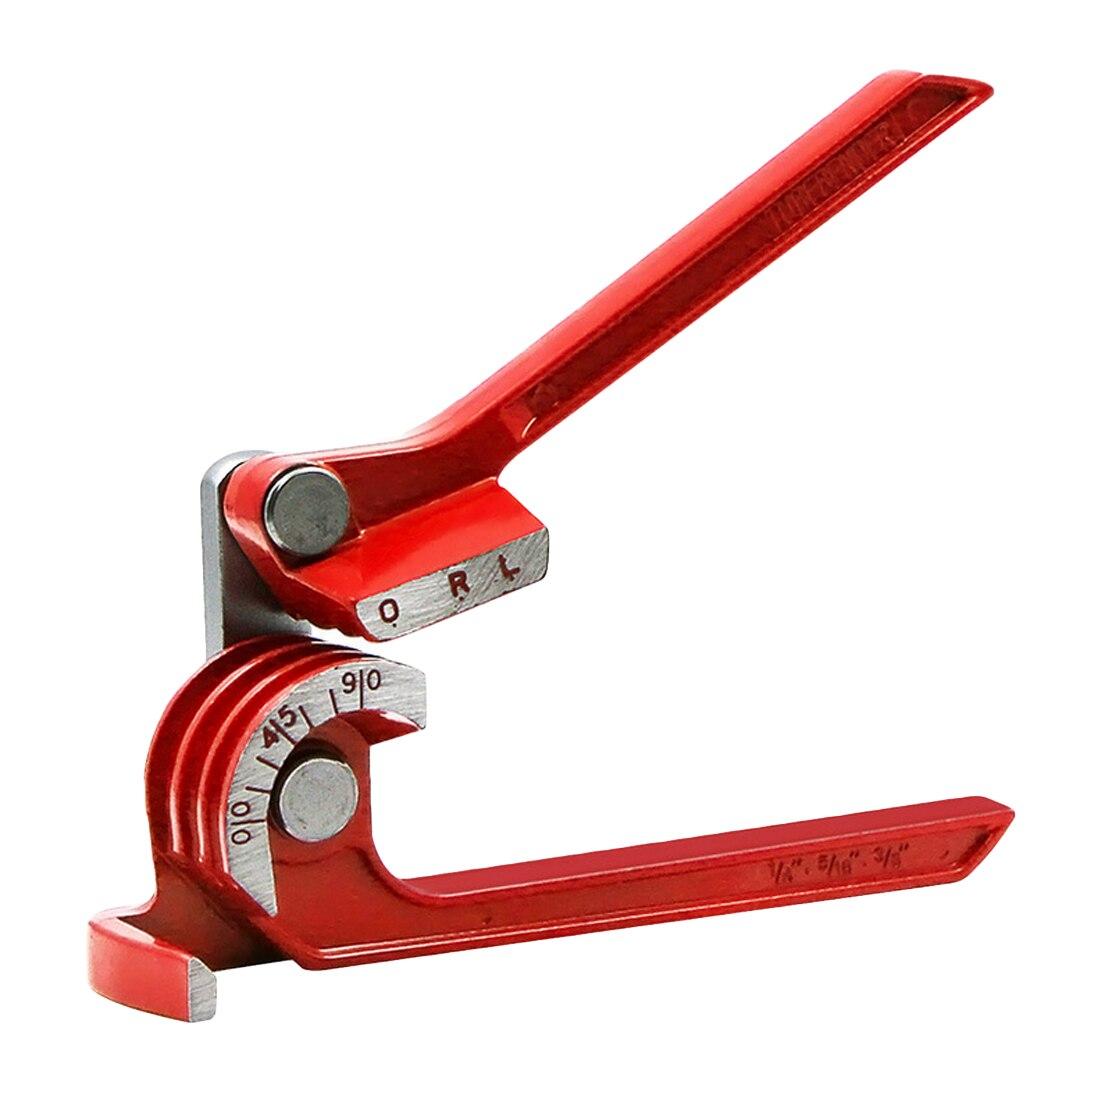 3 в 1 90/180 градусов трубогибочный инструмент Сверхмощный трубогибочный трубогиб из алюминиевого сплава трубогибочный тормоз топливная лини...